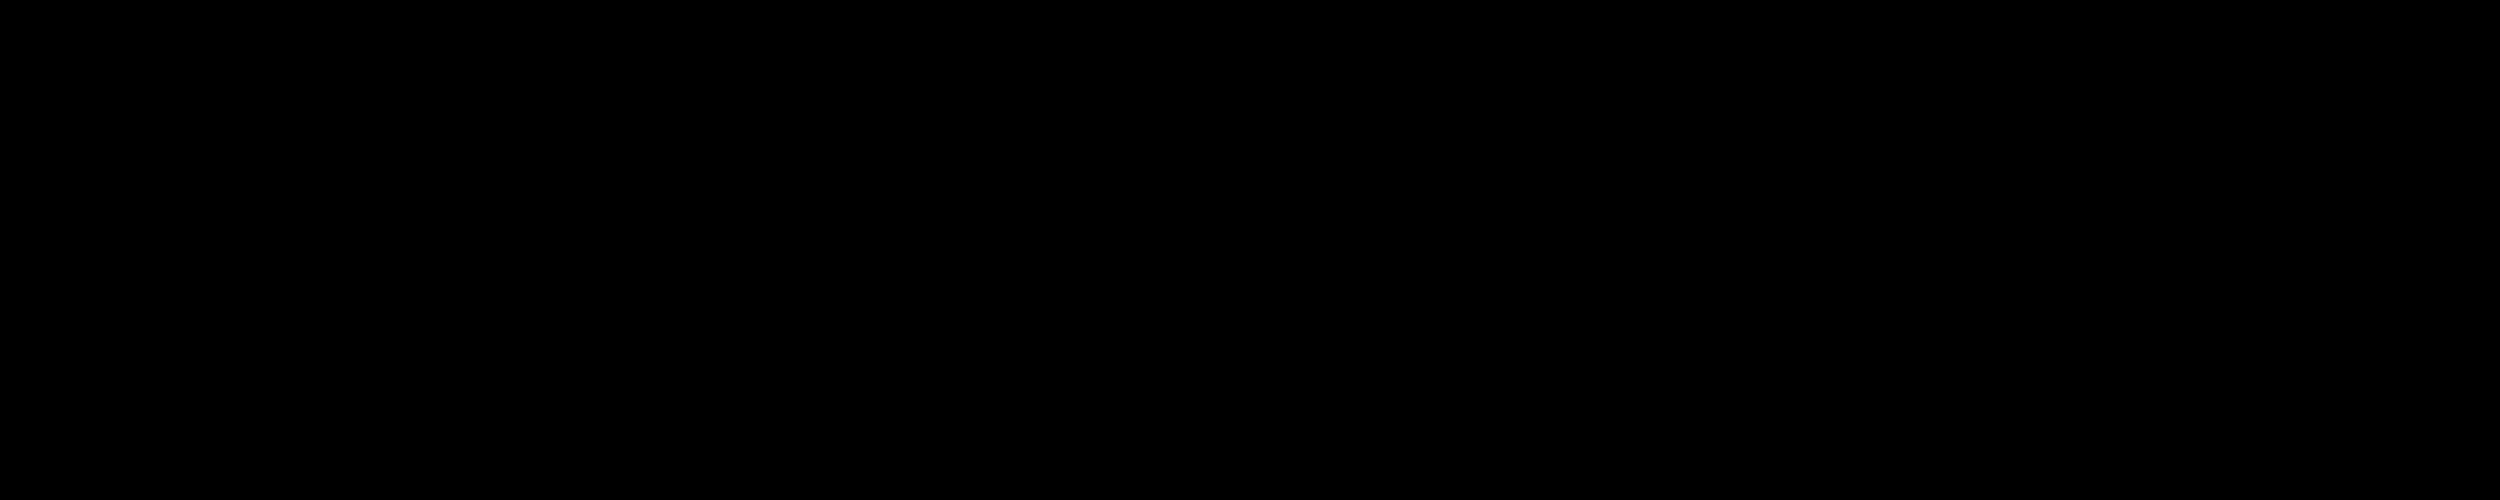 WOCinTech_Main_Black.png